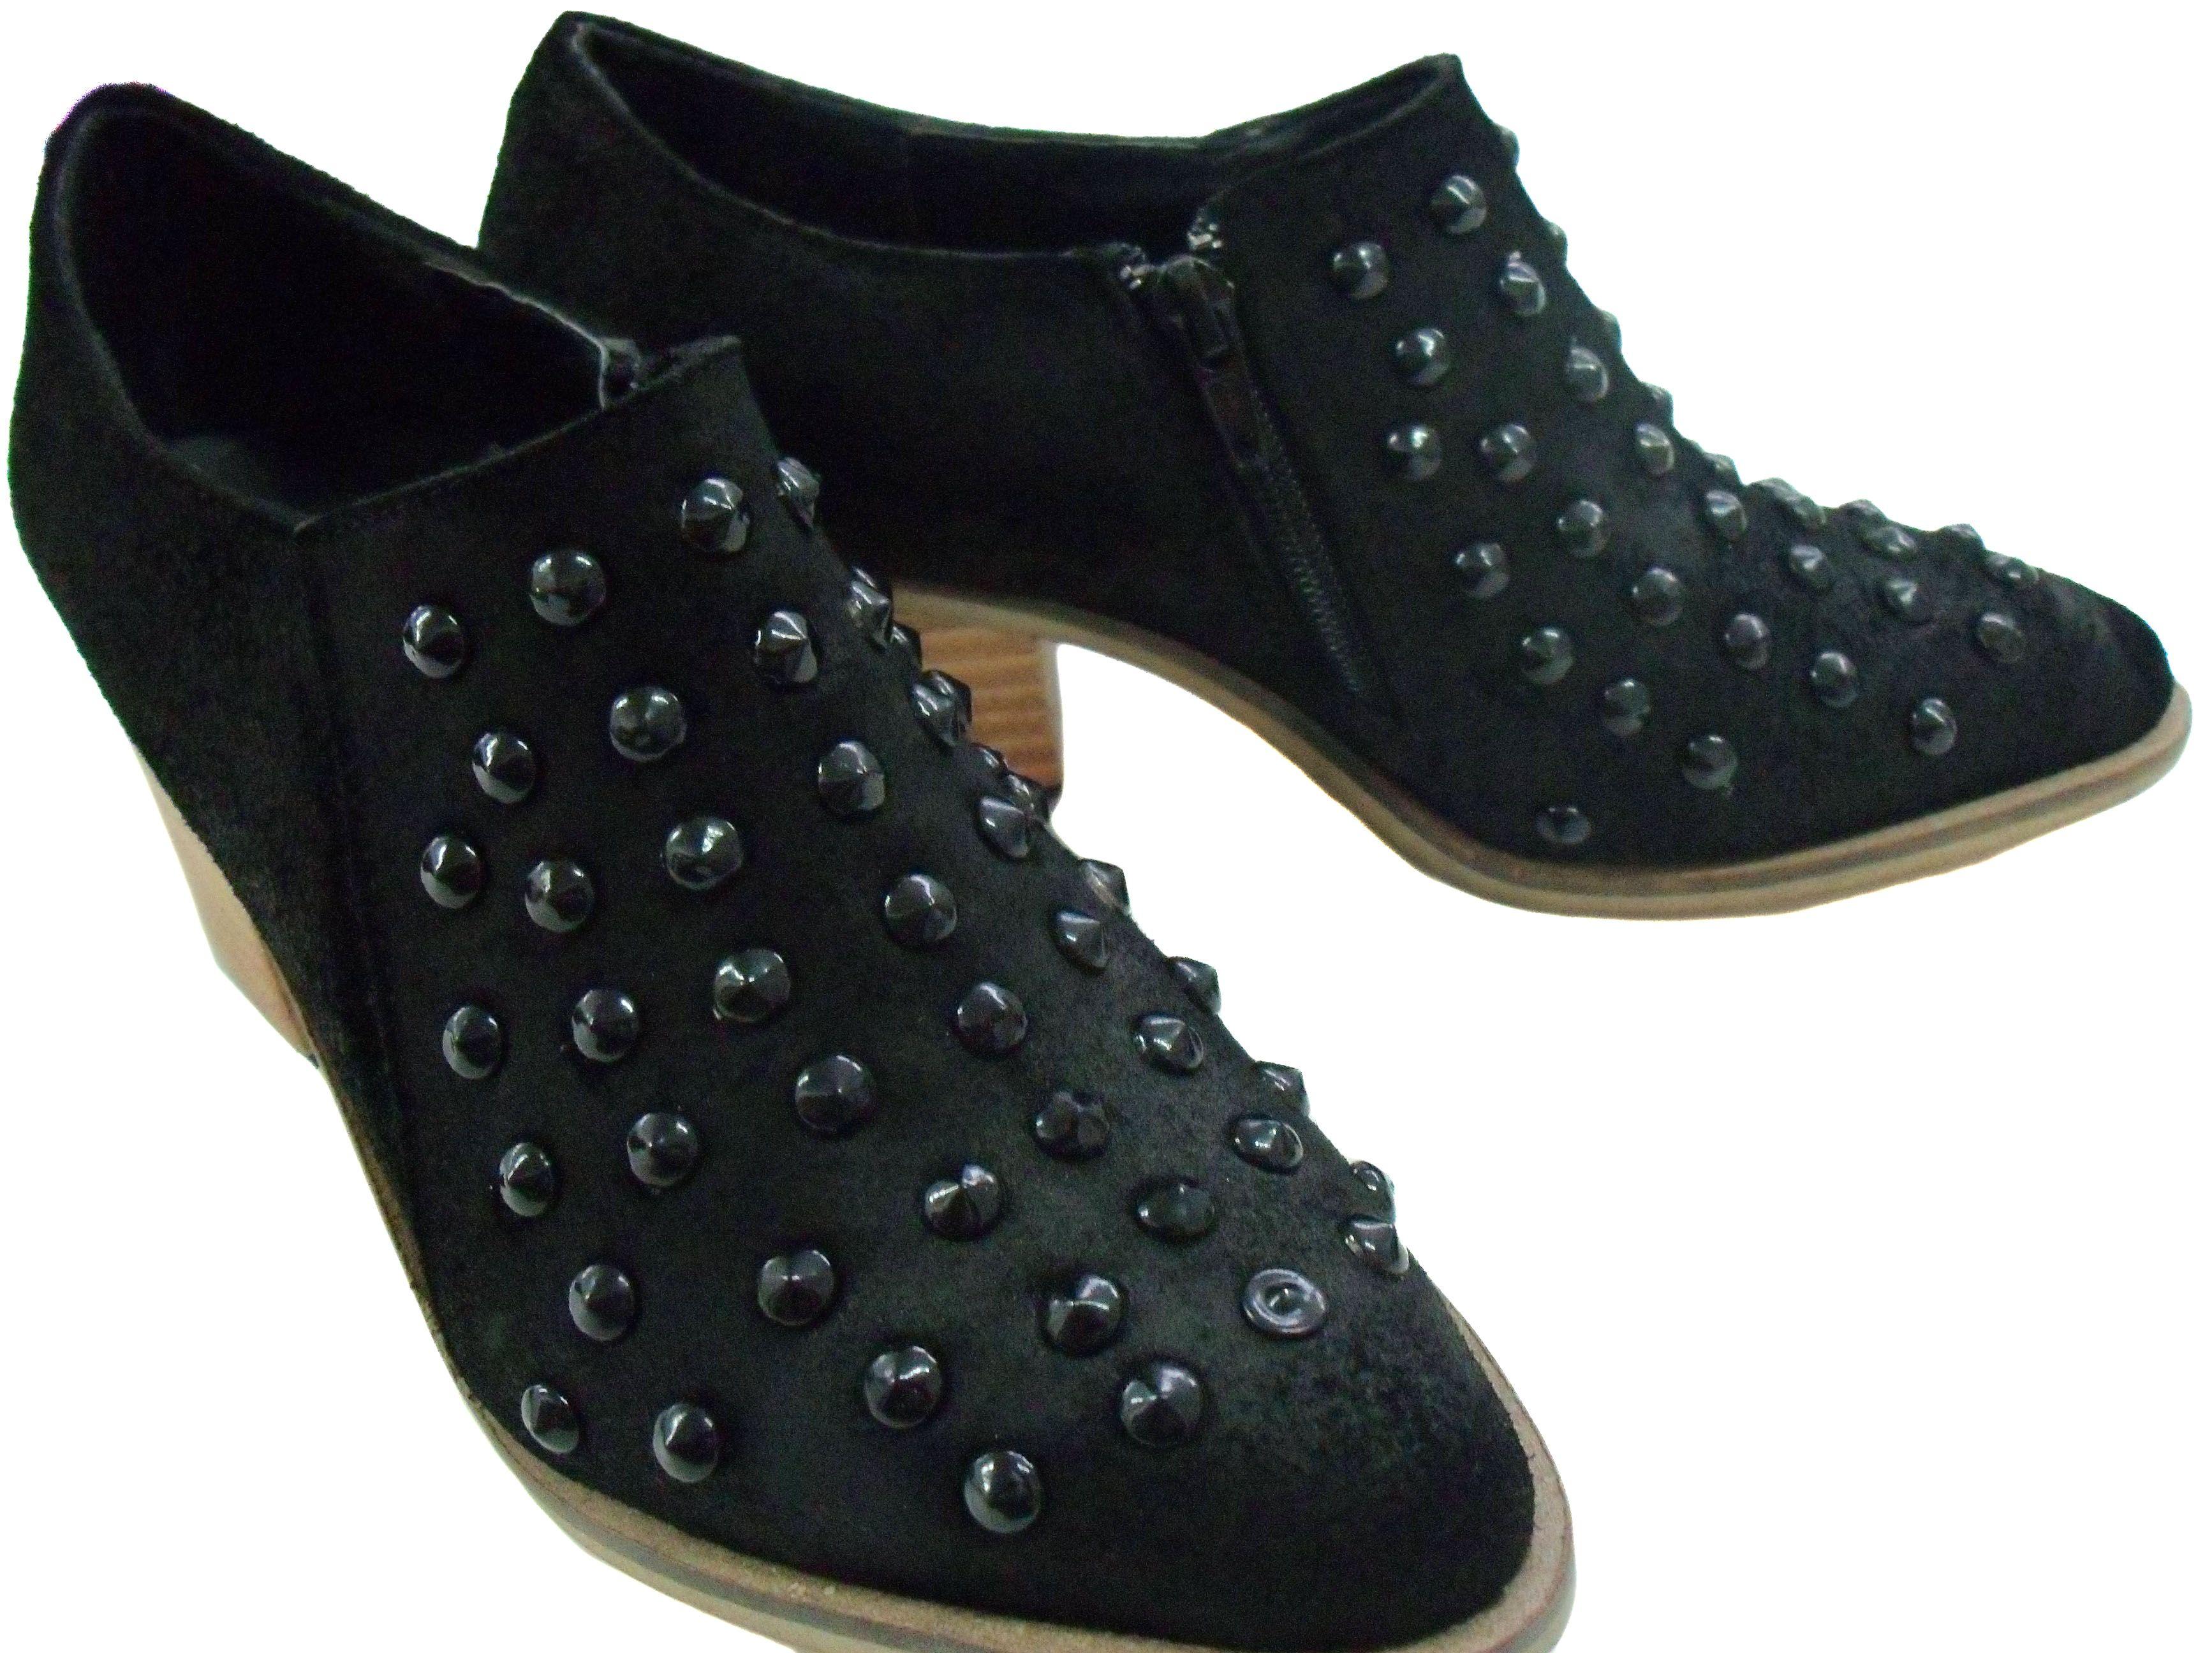 dabeff6b76 art. k8565 - Botas cortas con tachas cuero negro